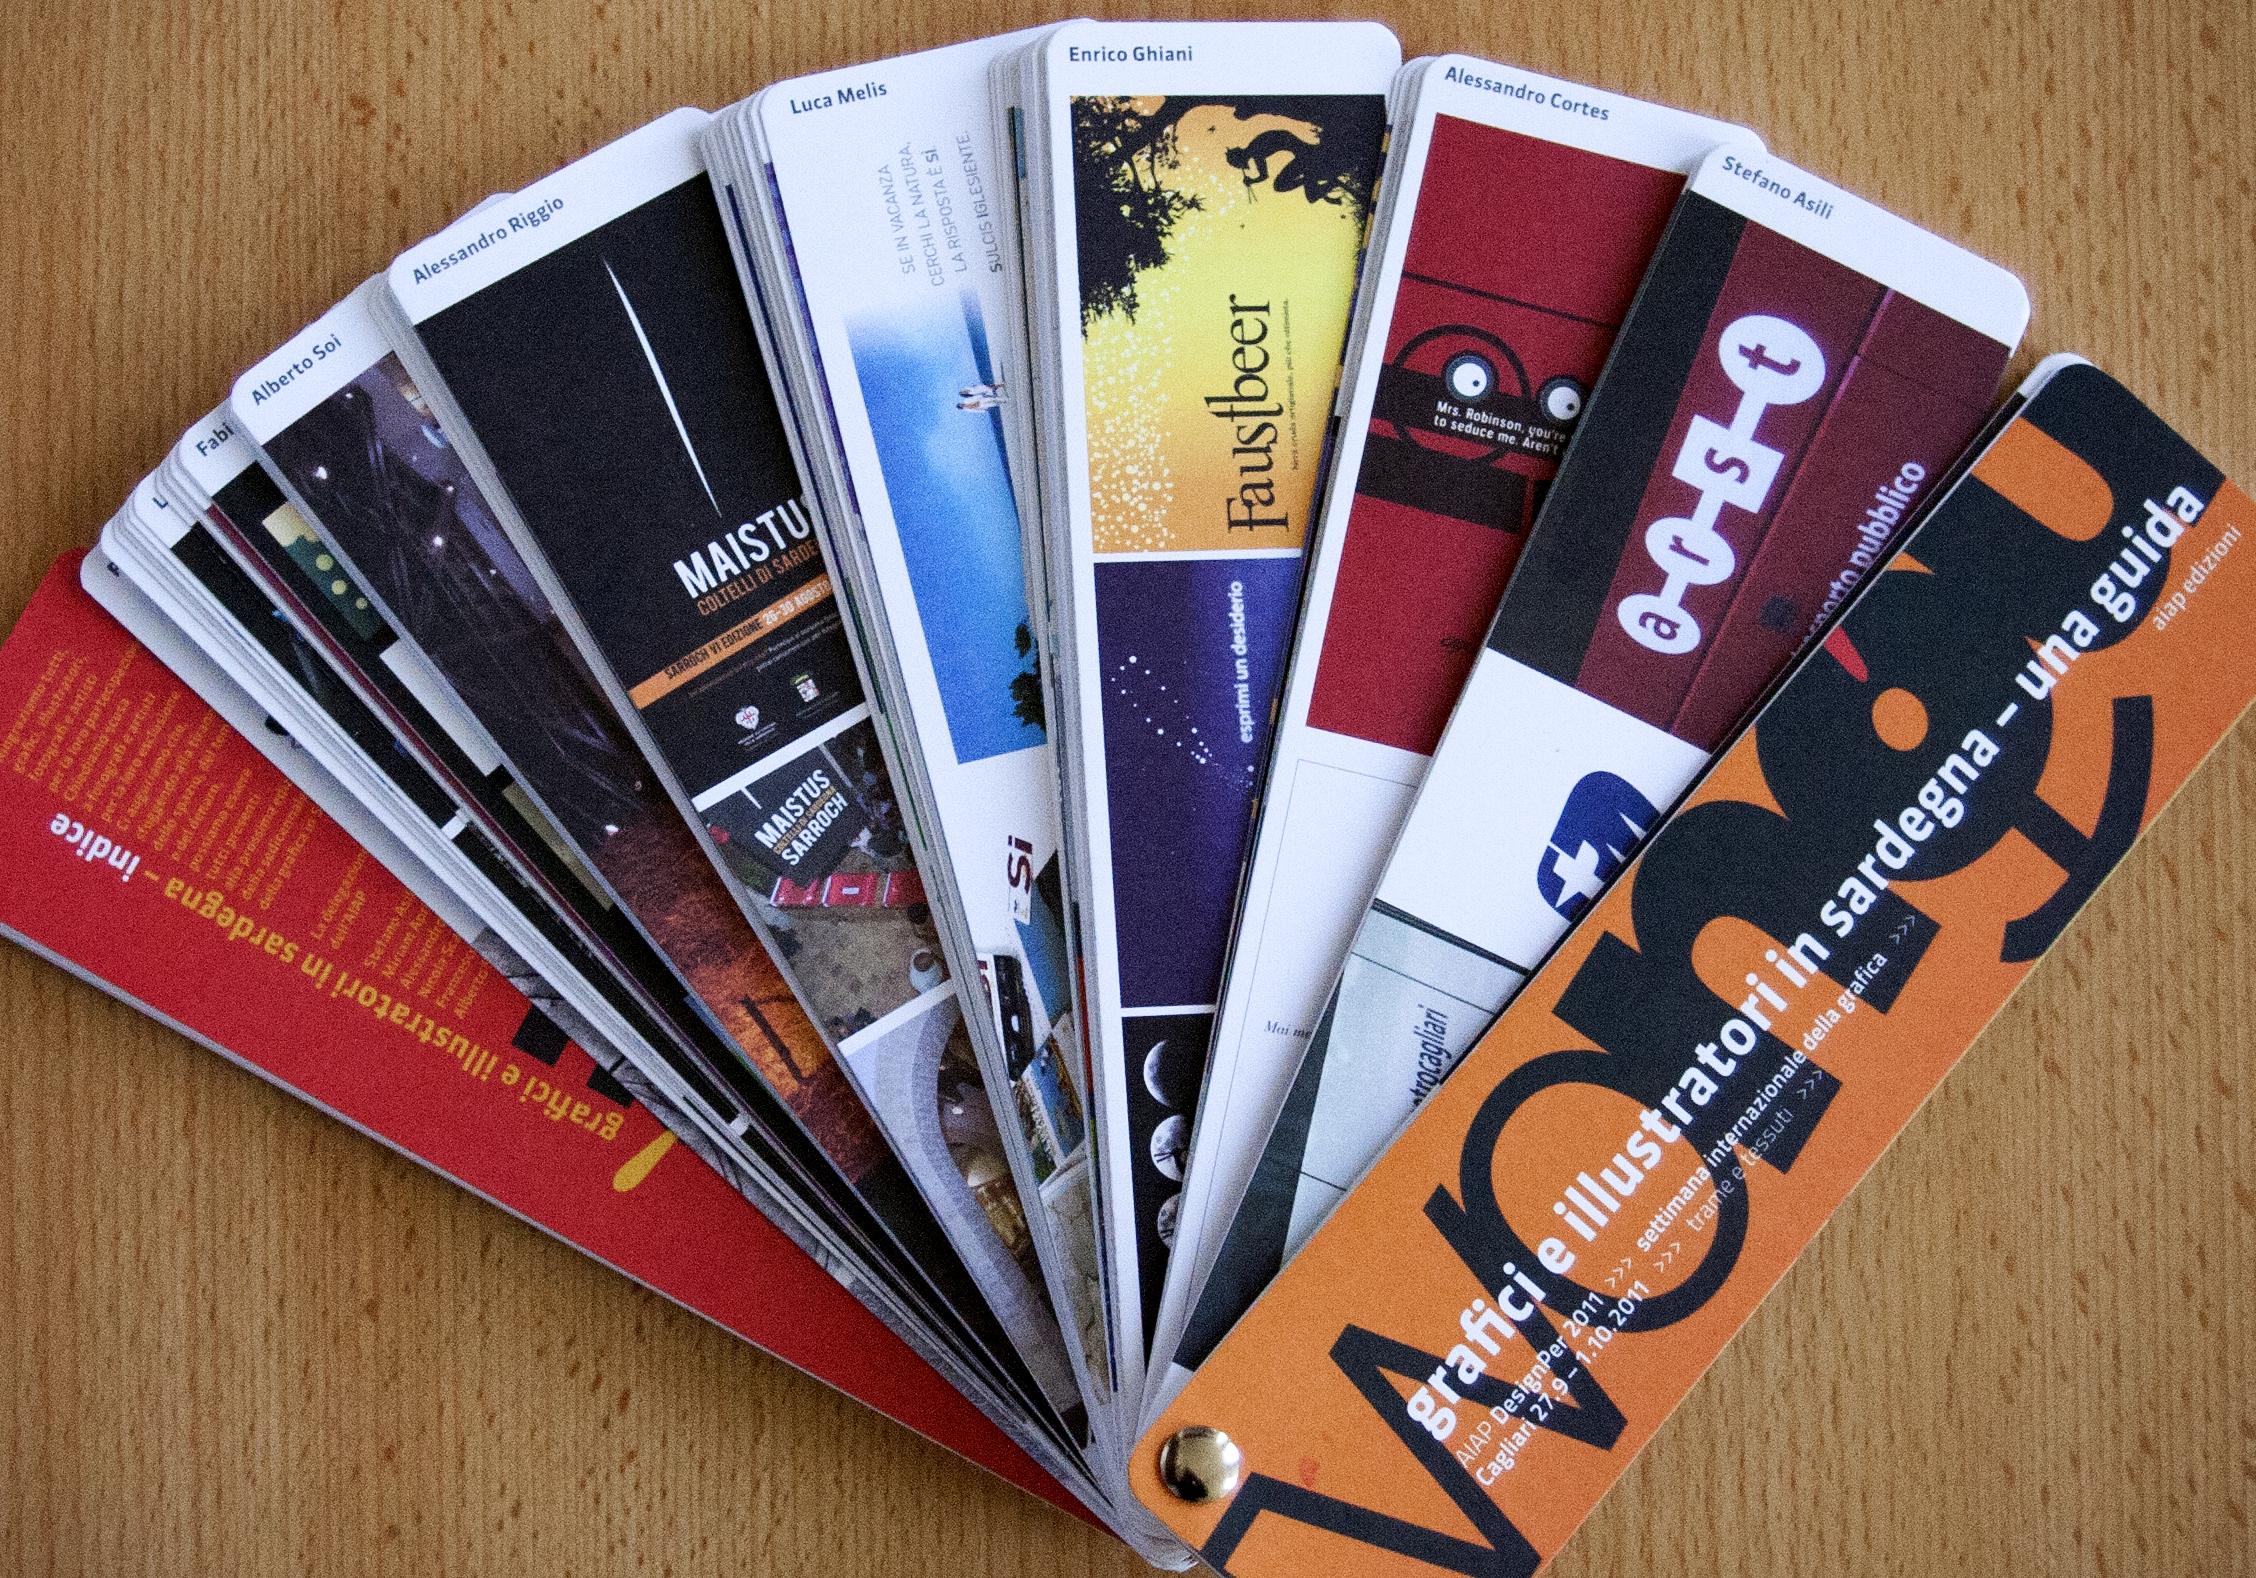 Catalogo twonow.  Grafici e Illustratori in Sardegna -  Aiap edizioni